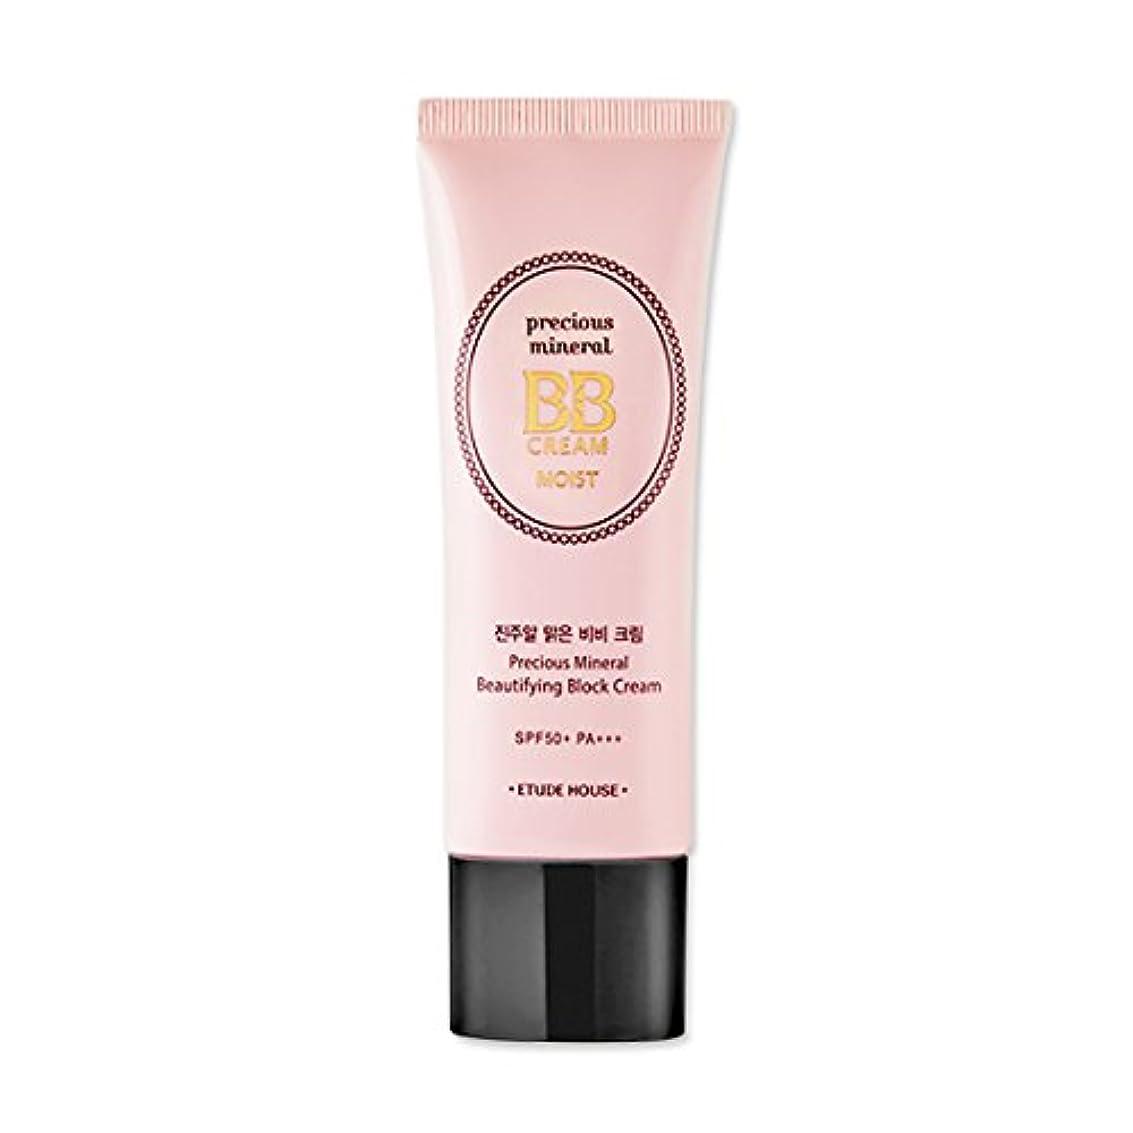 太いテラスの[New] ETUDE HOUSE Precious Mineral BB Cream * Moist * 45g/エチュードハウス プレシャス ミネラル BBクリーム * モイスト * 45g (#Beige) [並行輸入品]